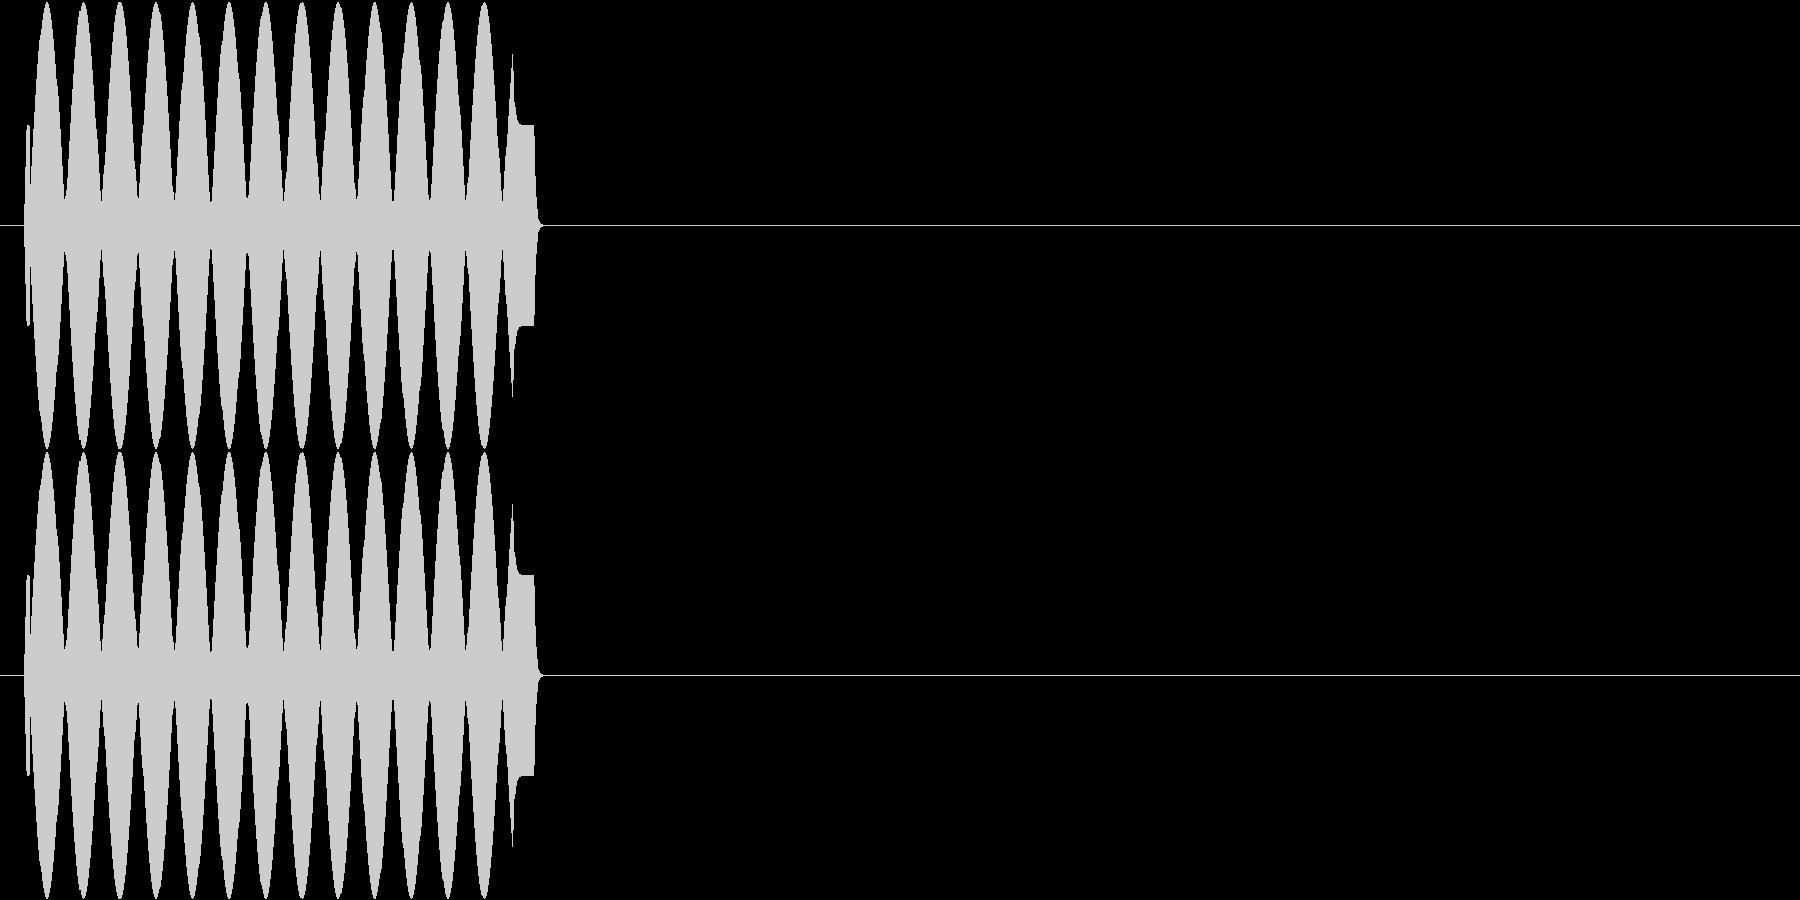 ハズレ エラー音 プ---♪の未再生の波形